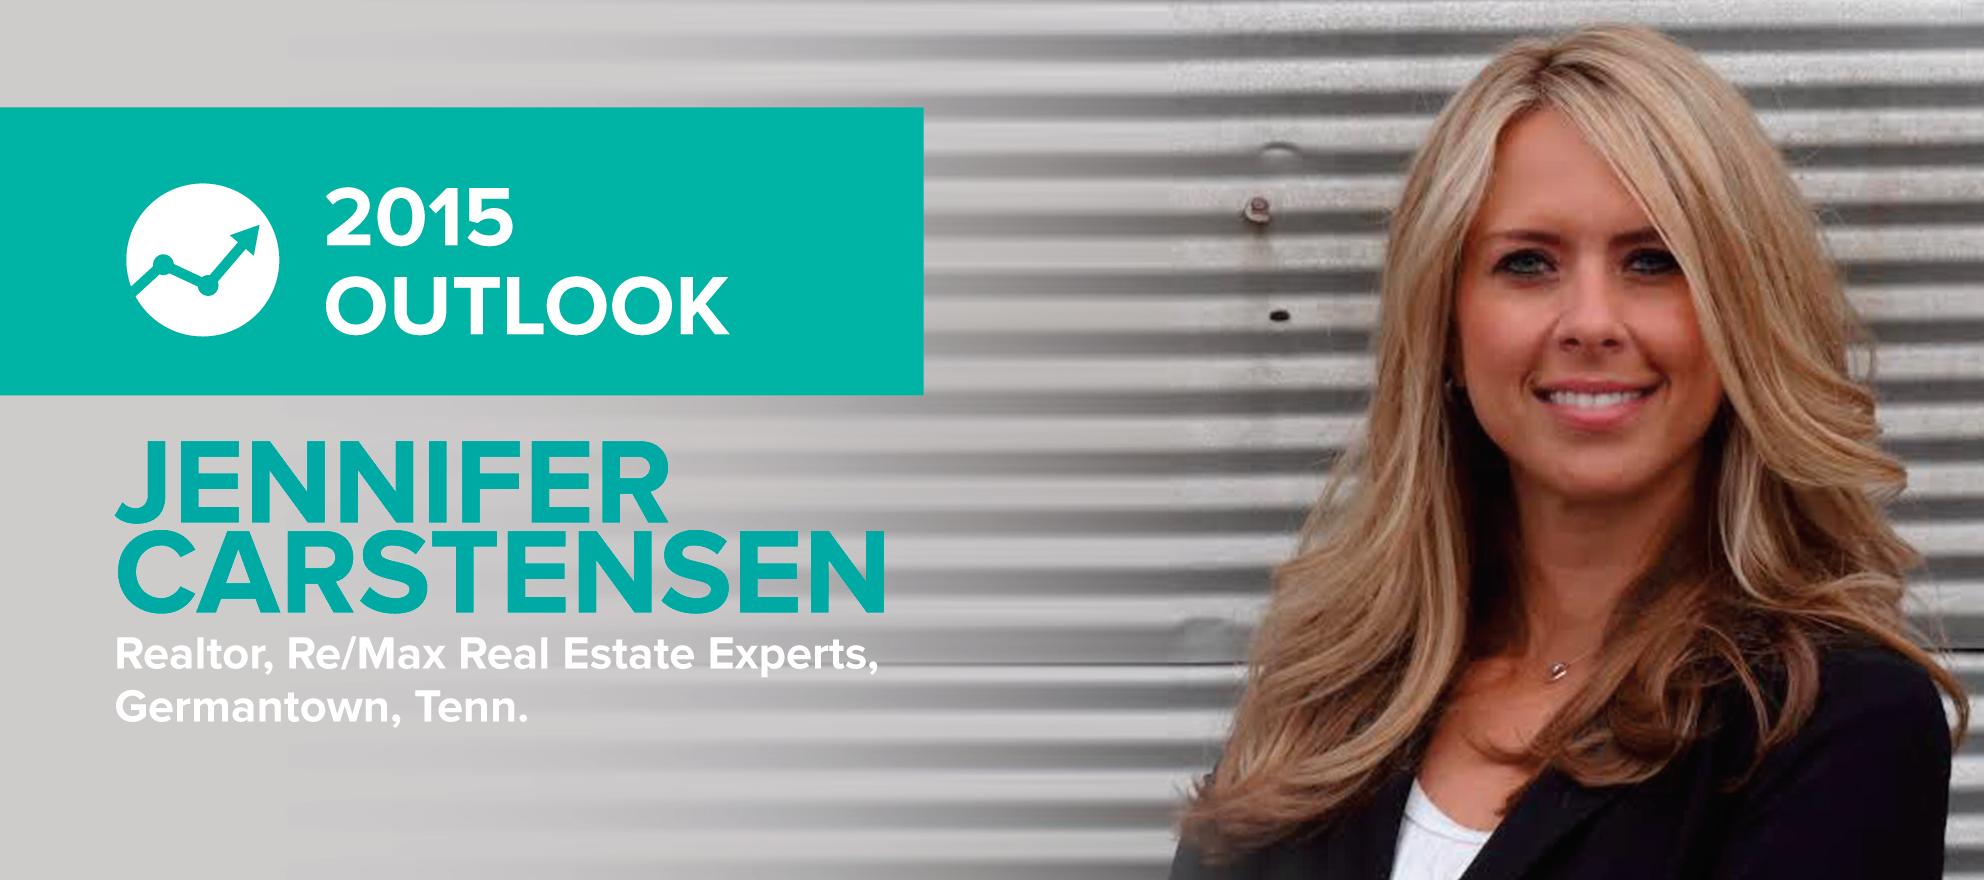 Jennifer Carstensen: 'The seller's market train has left the station'